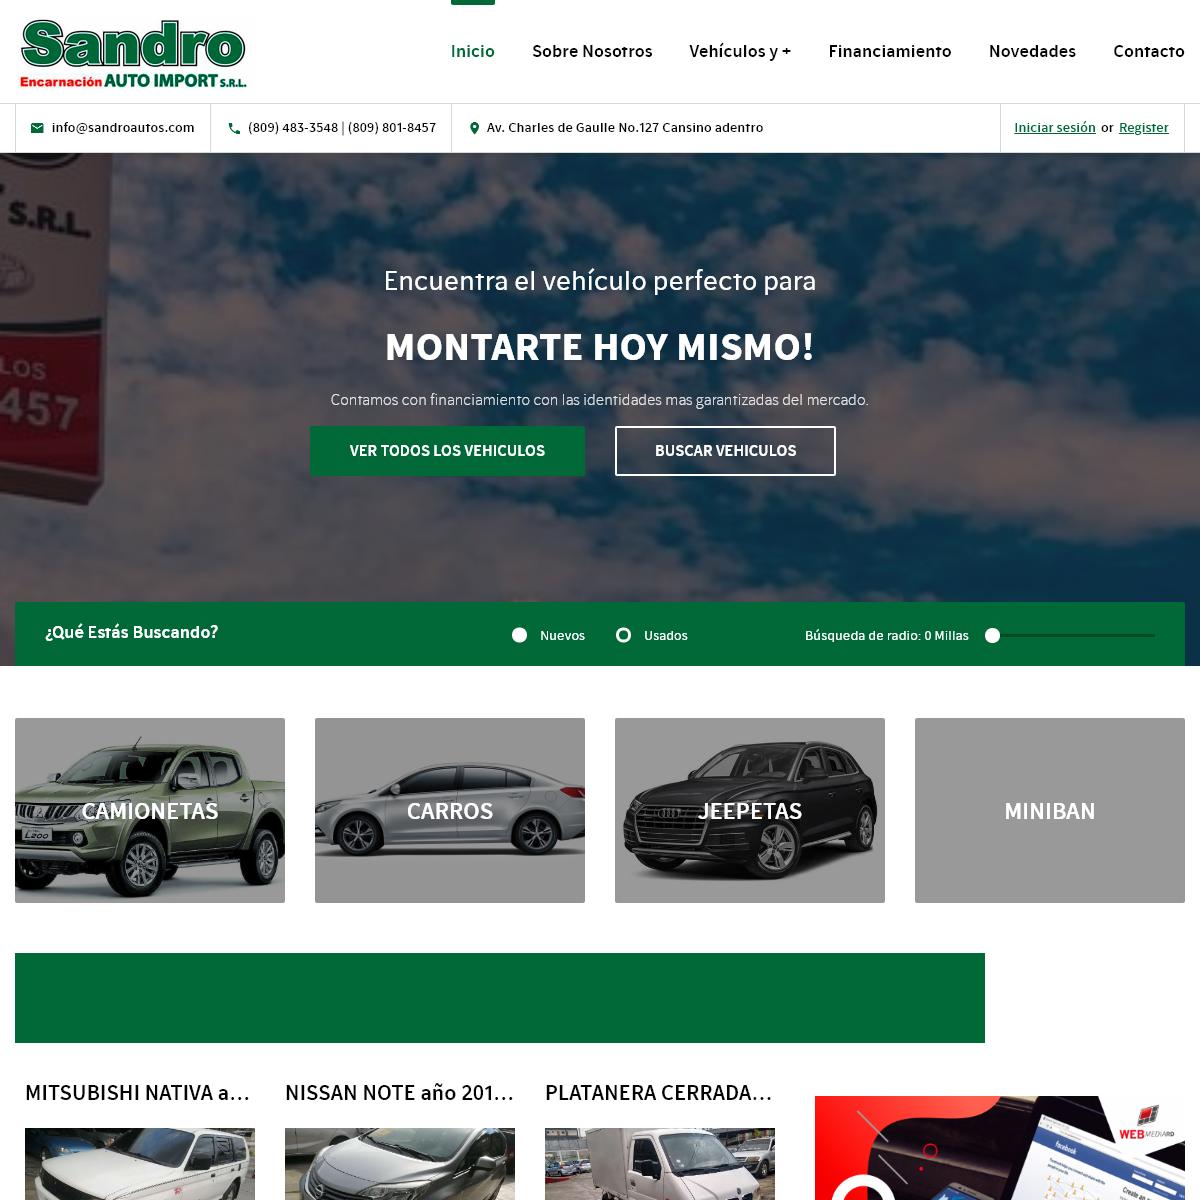 SandroAutos.com – Ventas de vehículos usados en perfectas condiciones